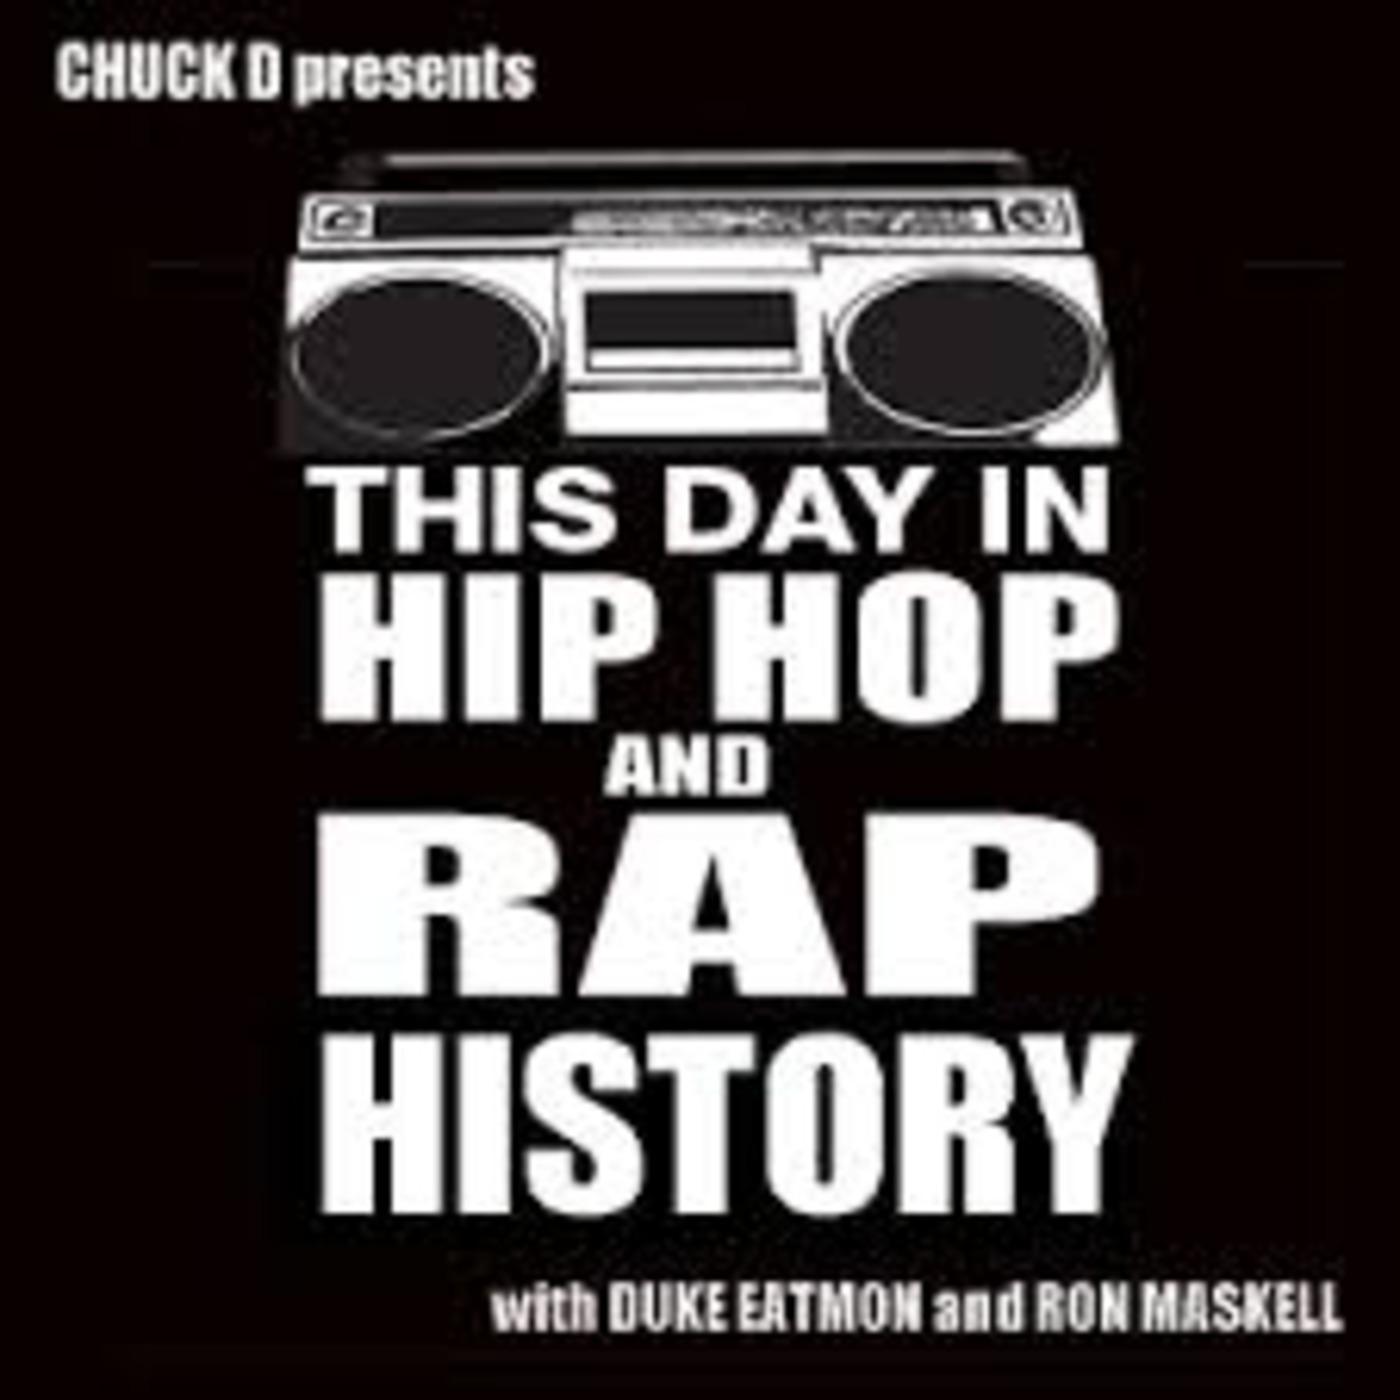 список исполнителей на хип-хоп мэй дей 2016 FB: